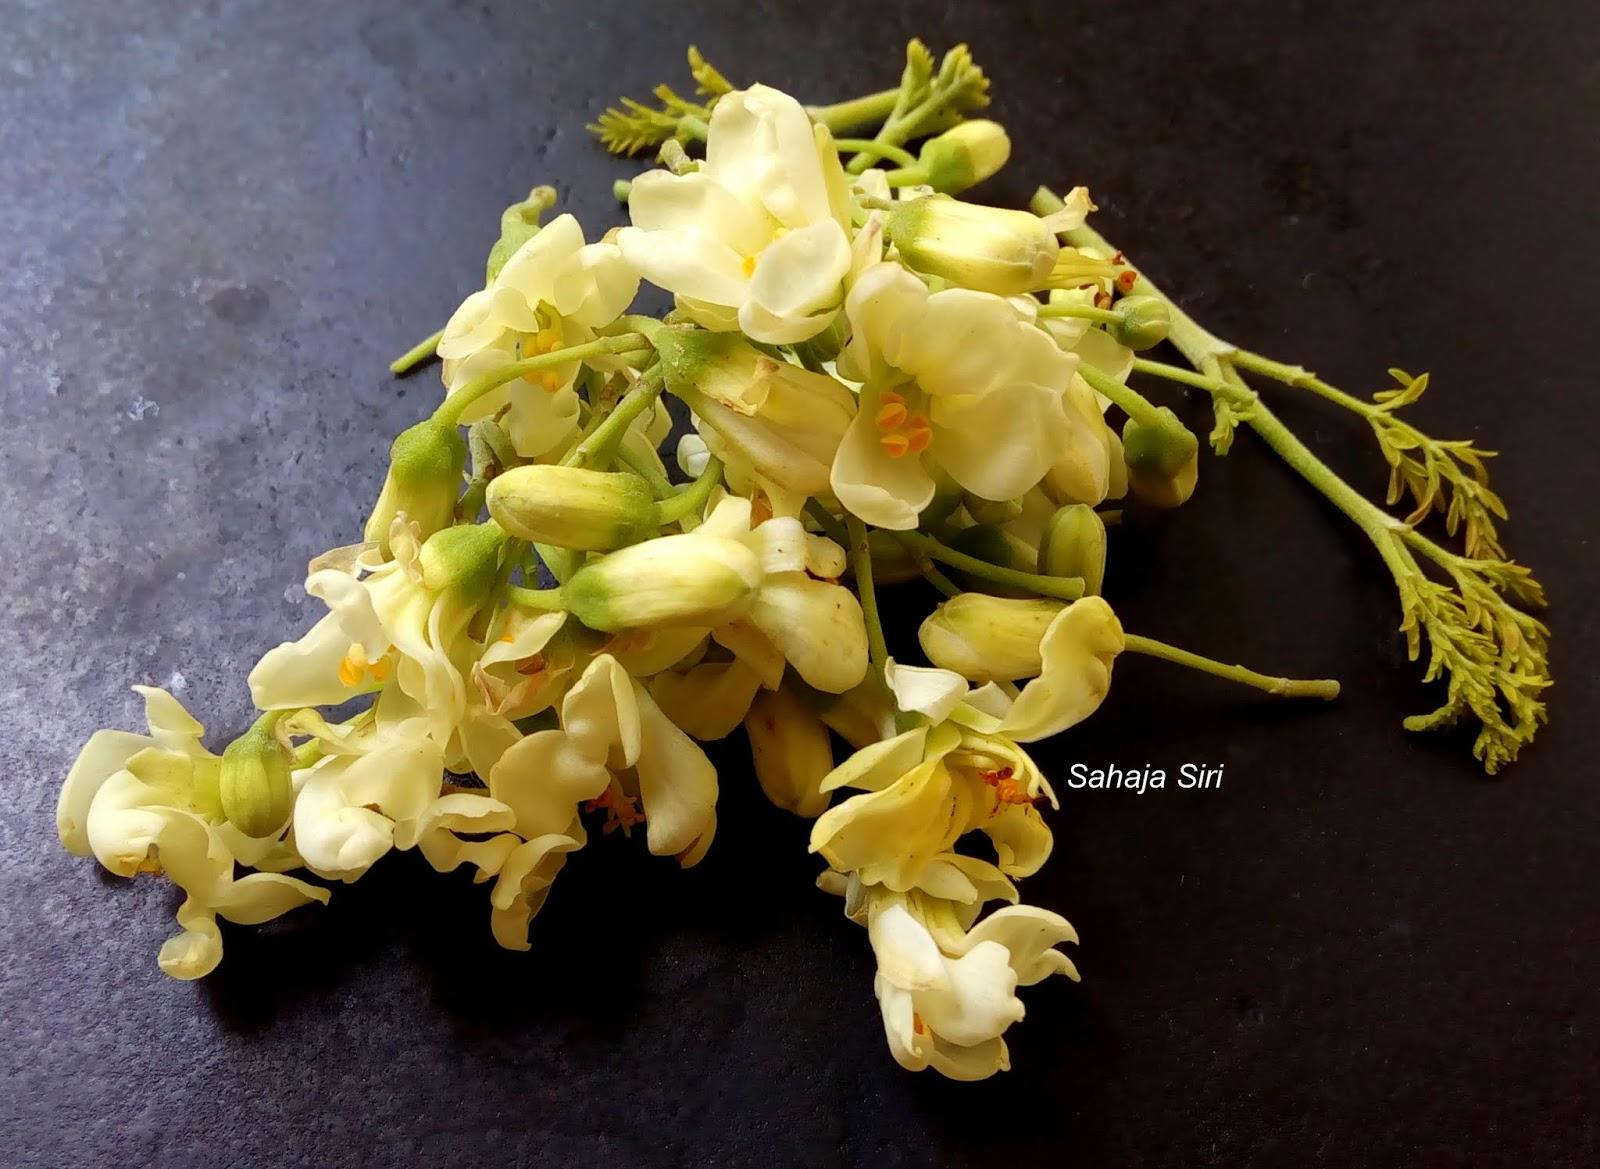 Sahaja Siri Moringa Leaves Flower Tambuli Drumstick Flower Leaves Tambuli